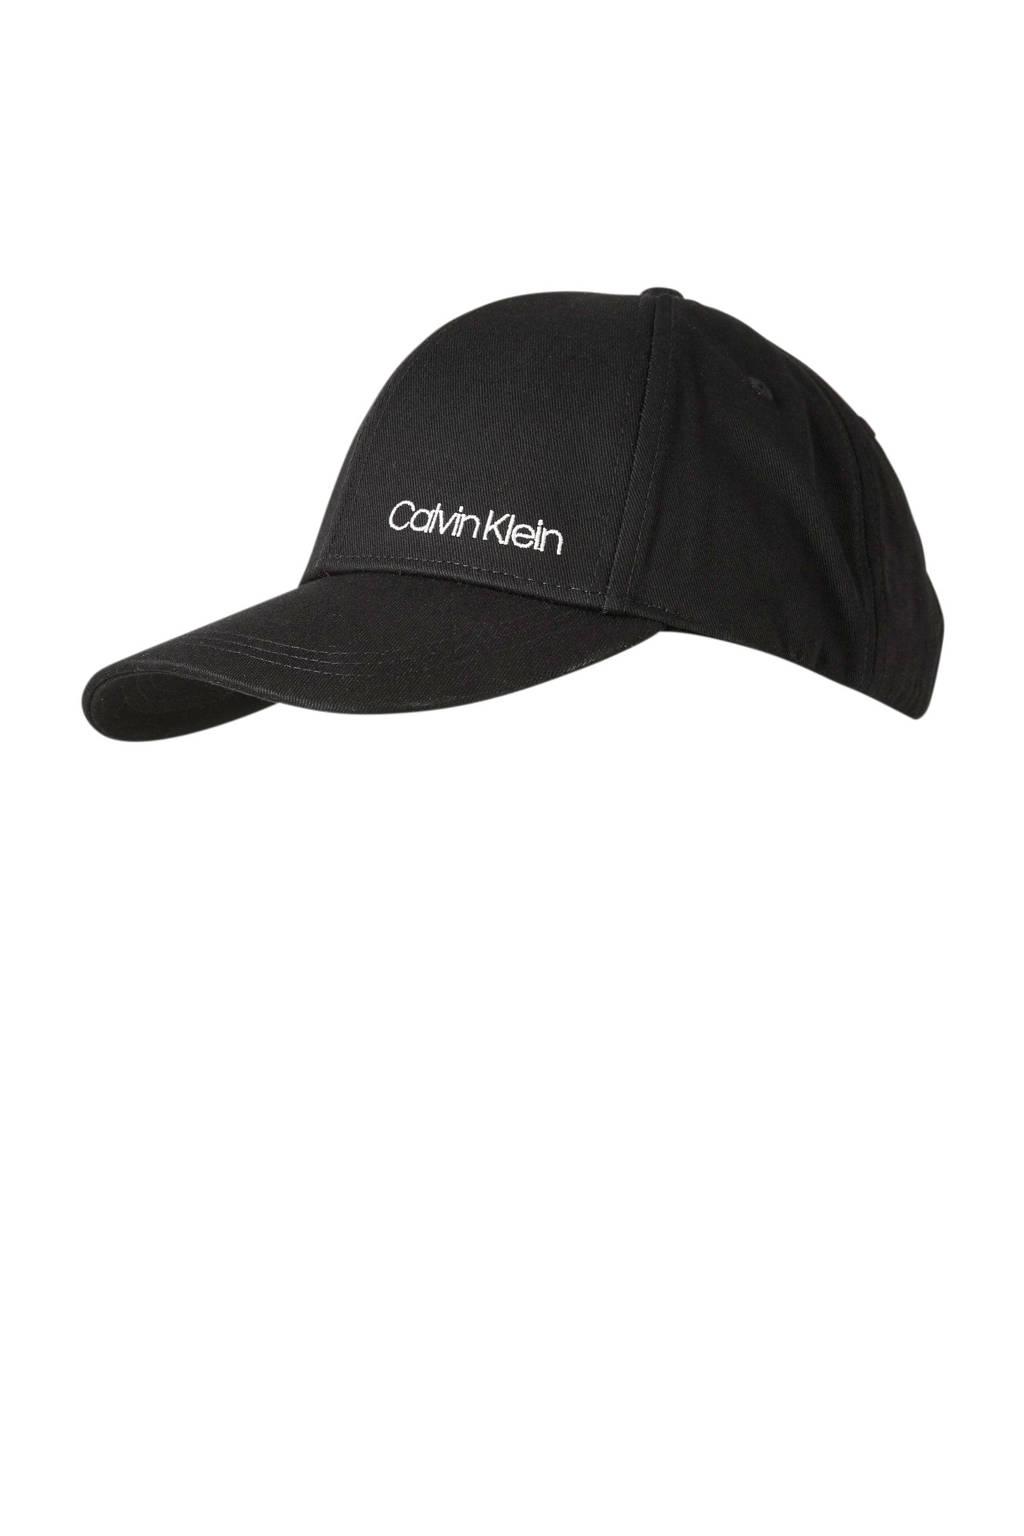 CALVIN KLEIN pet Side Logo zwart, Zwart/wit